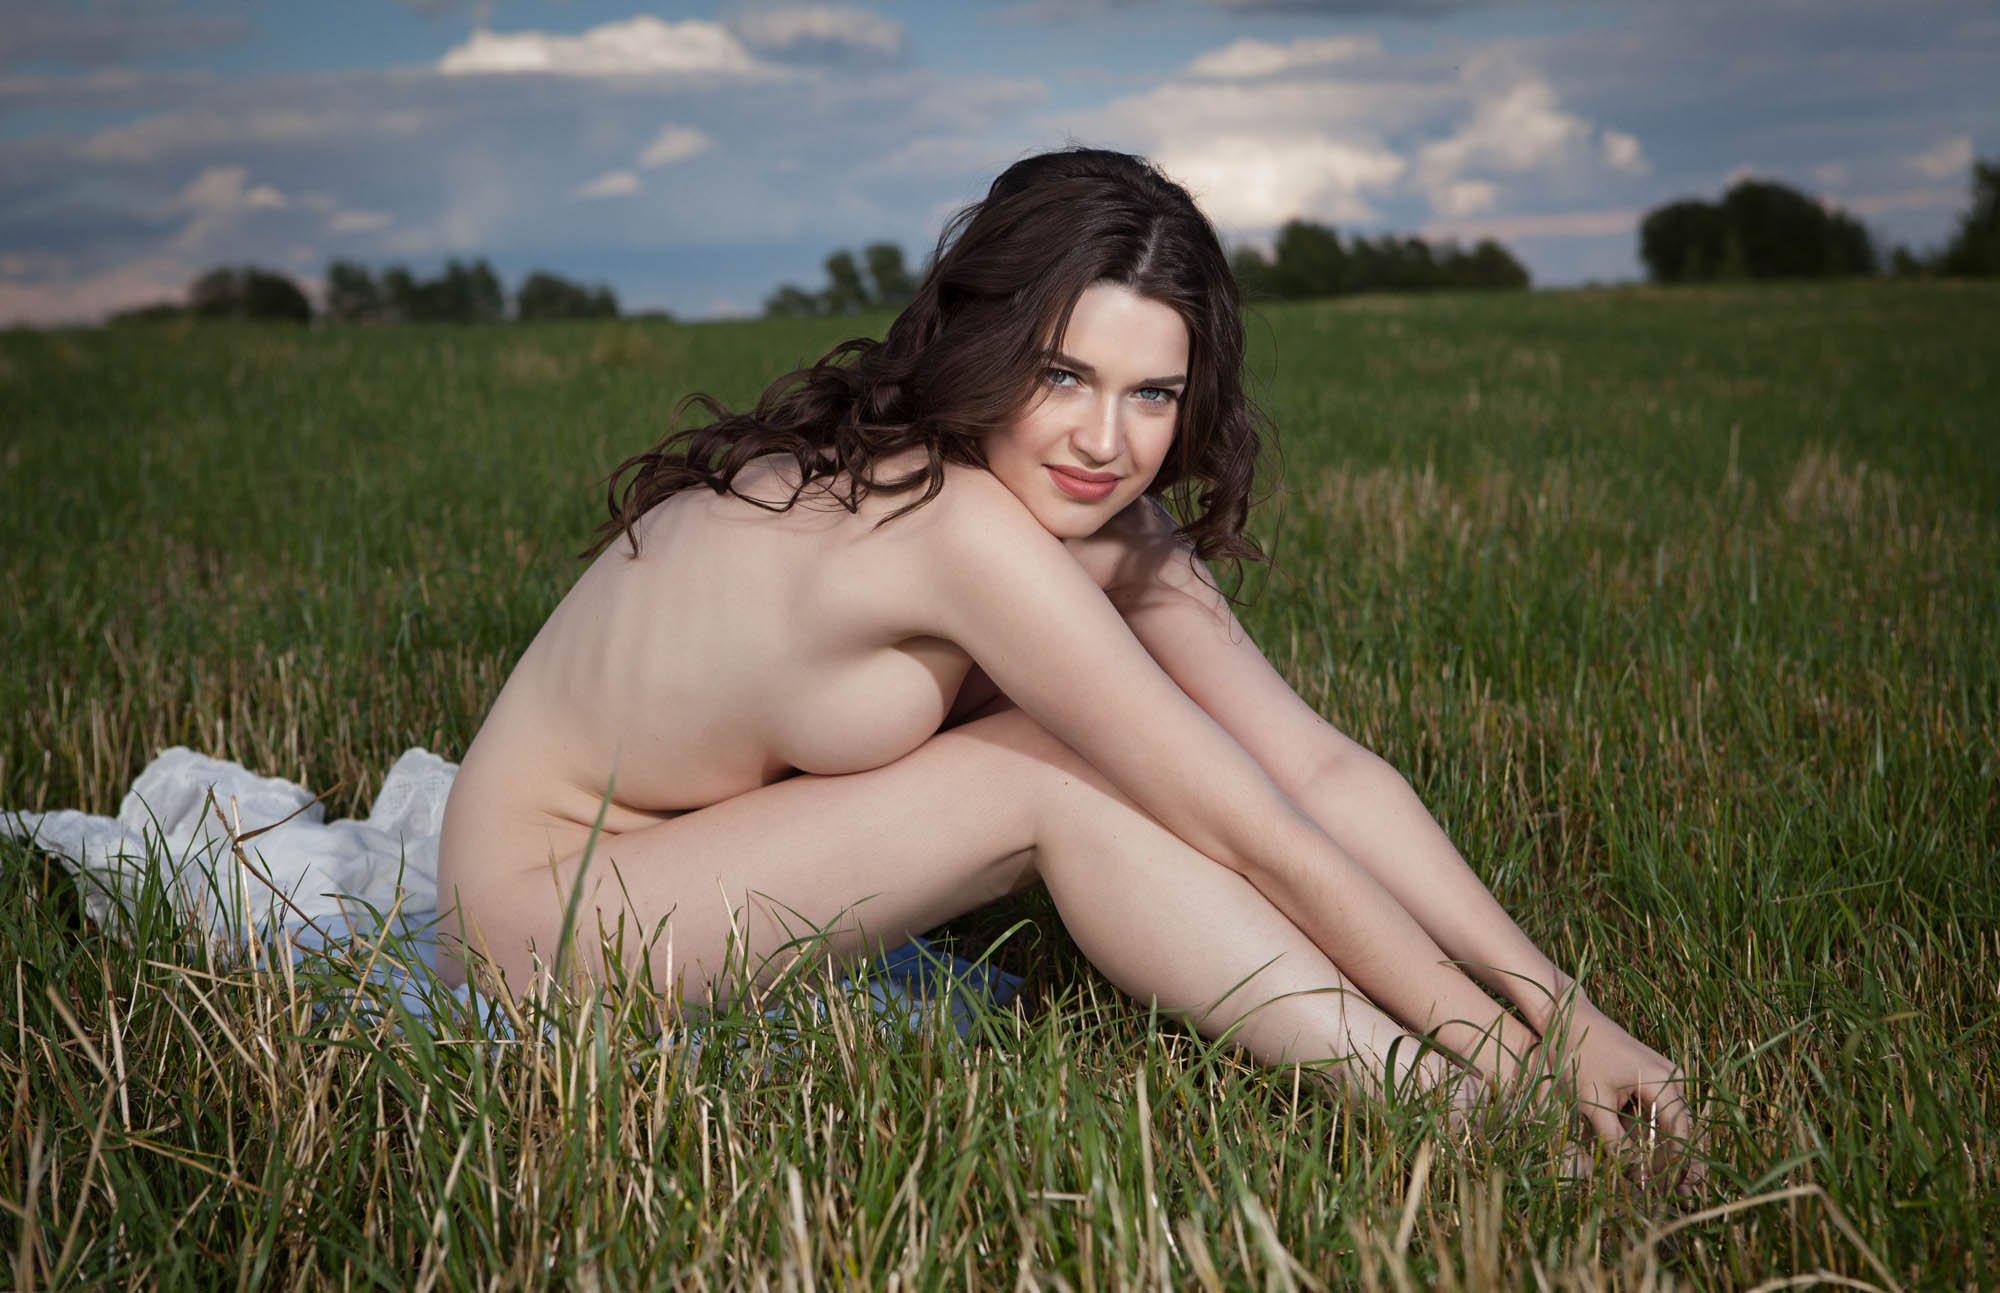 Эротика фото белое платье, Голые в плятьях на фото и обнаженные девушки 19 фотография